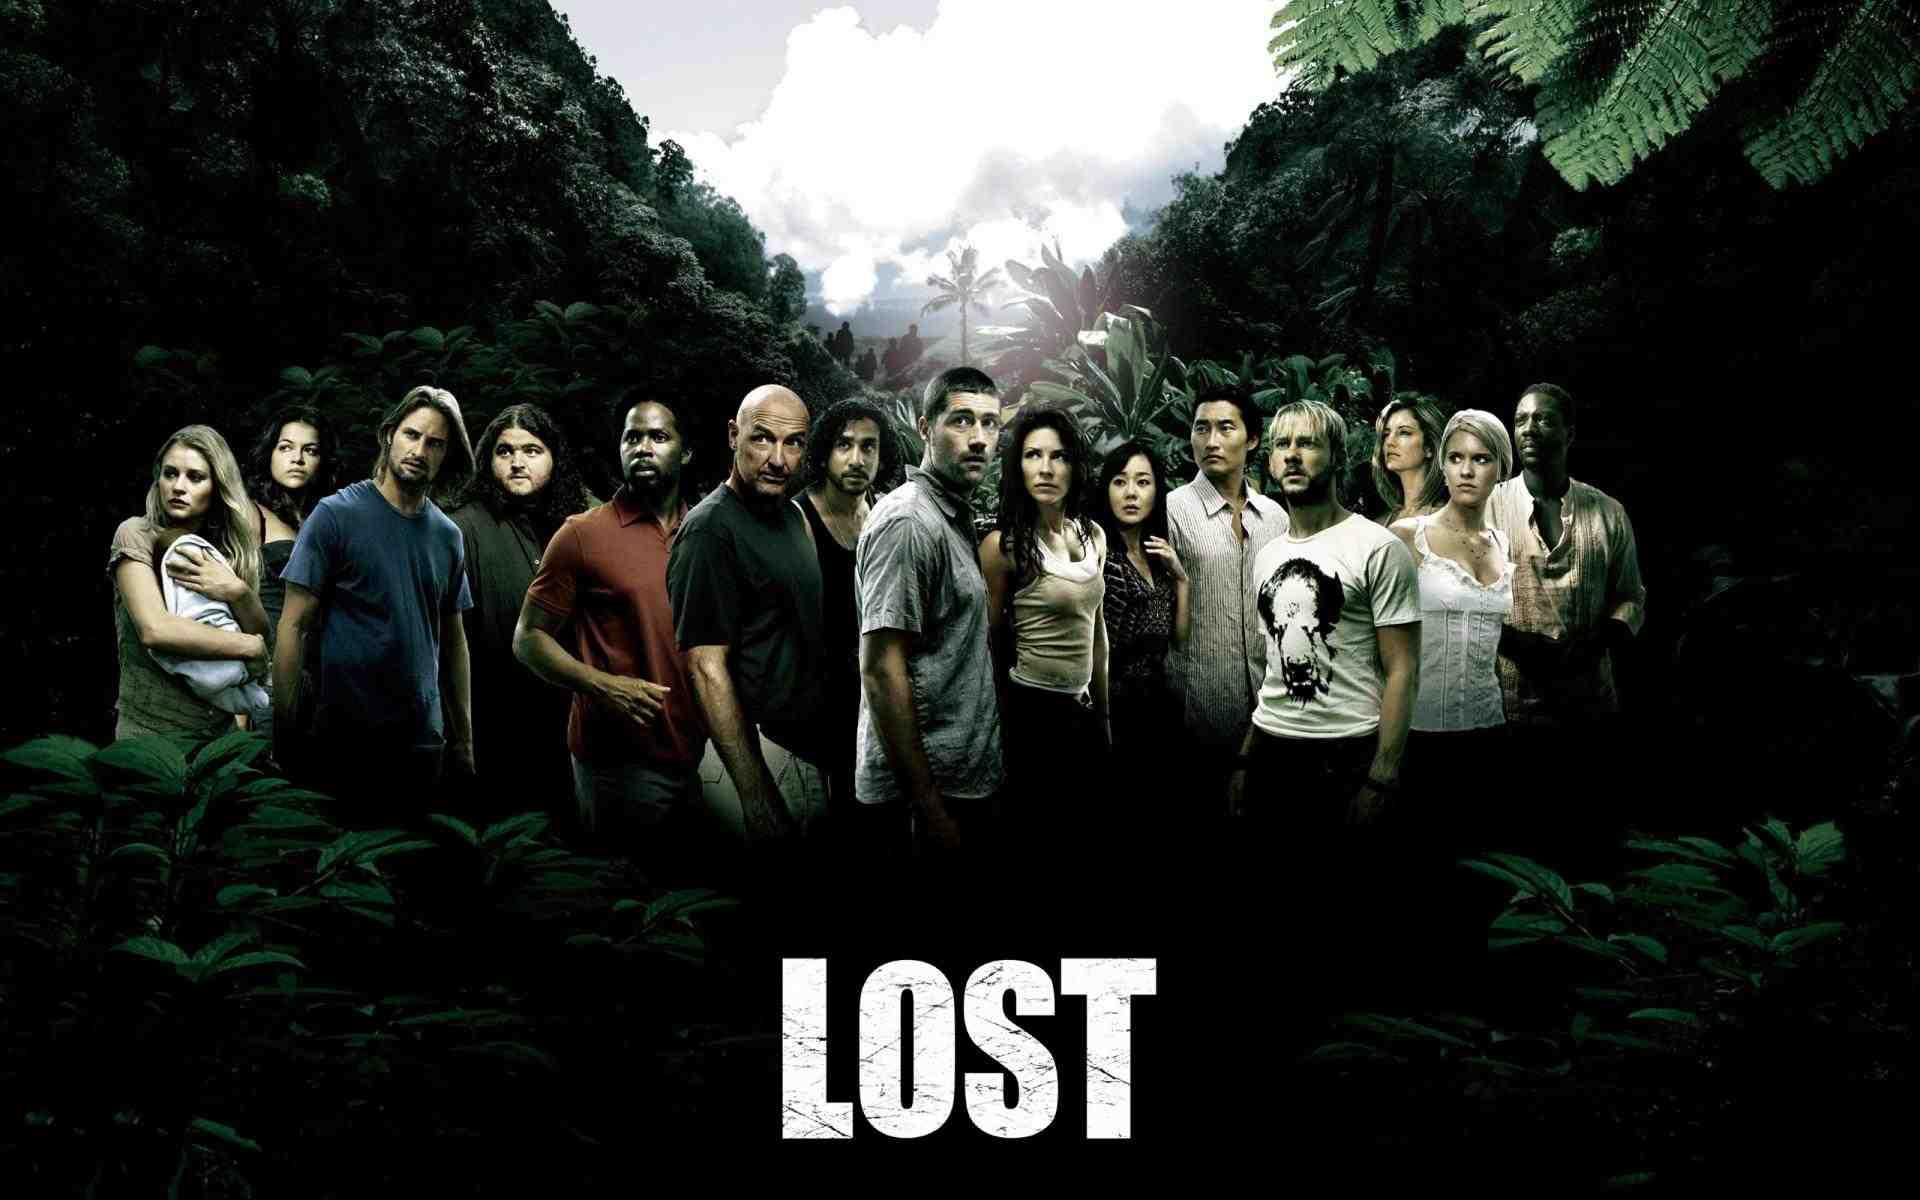 「LOST(ロスト)」の動画を無料で視聴するオススメの方法とは?